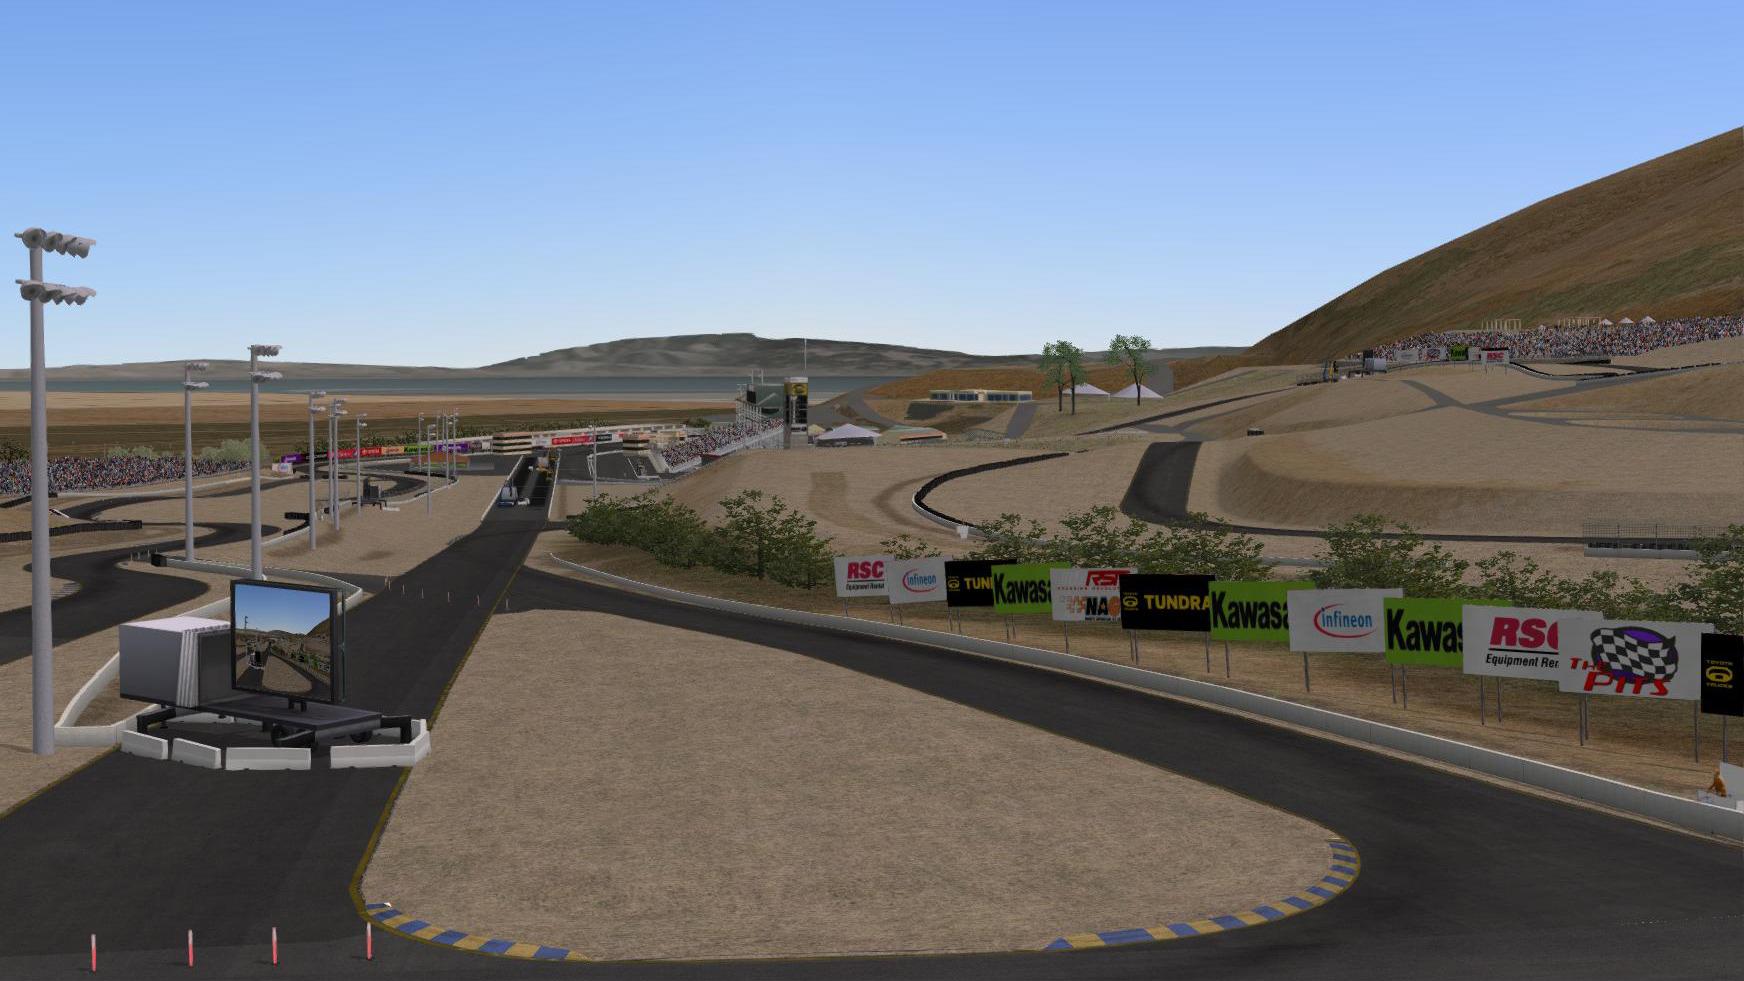 Sears Point Raceway Test Version Released Virtualr Net